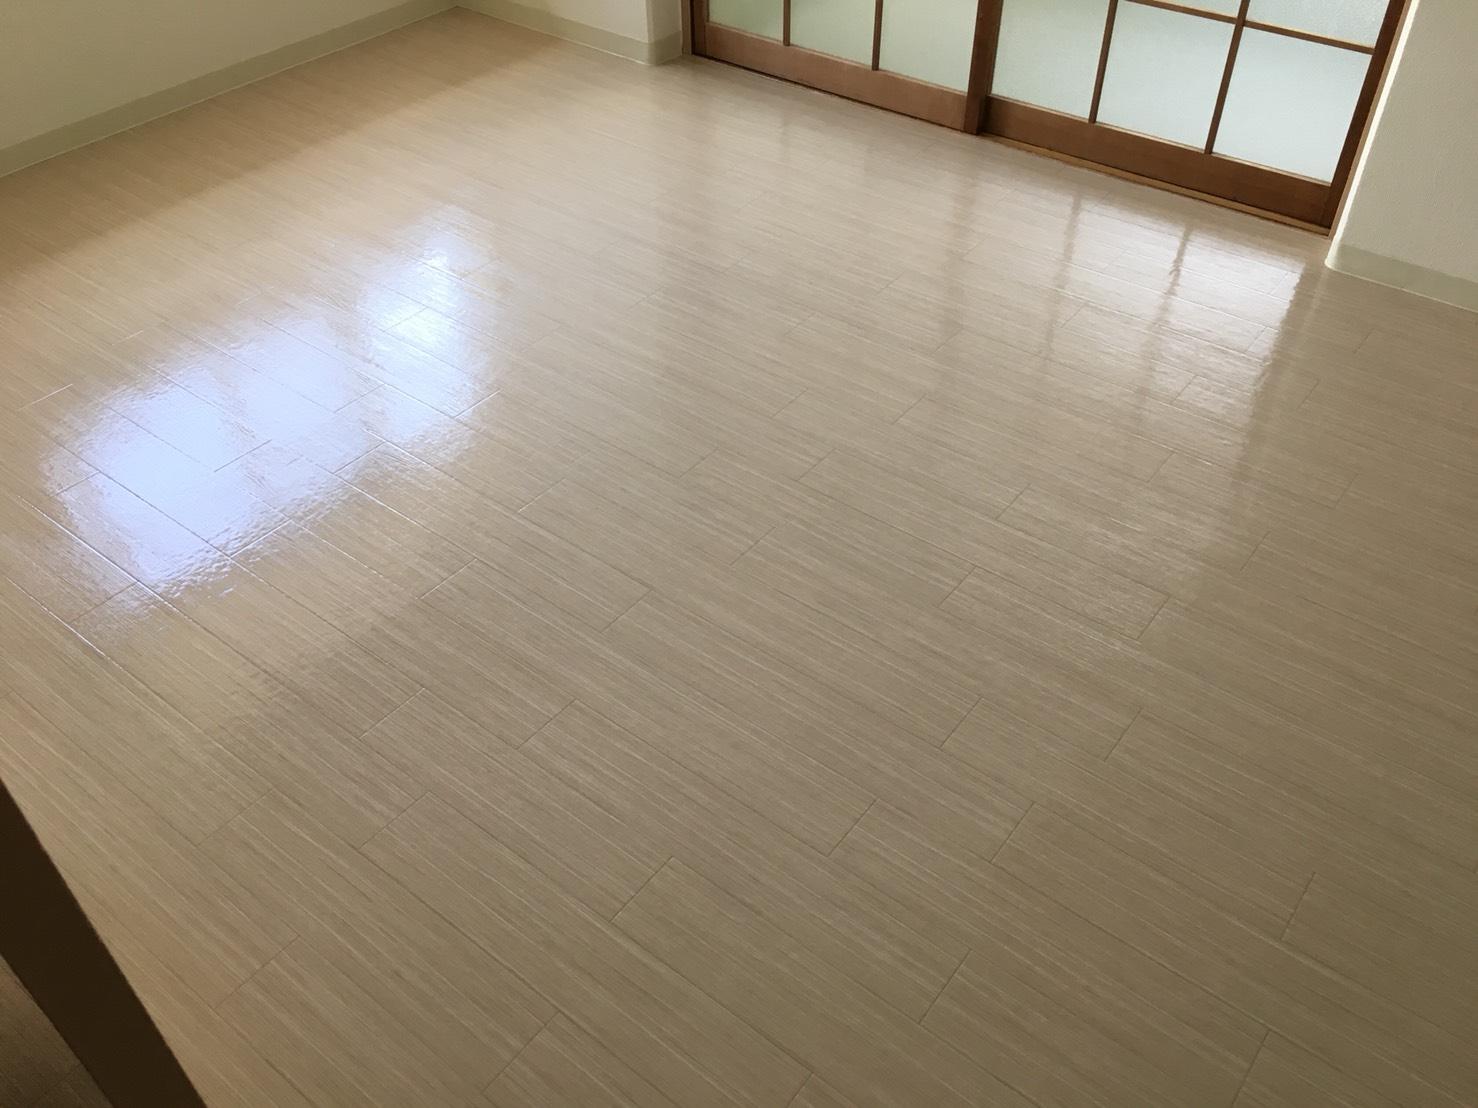 おそうじプラスのフローリング清掃 ご相談・お見積は無料です!お気軽にお問合せ下さい!ムラなく綺麗!清掃スタッフが対応!高品質なワックスを使用するので床の光沢、輝きが違います!